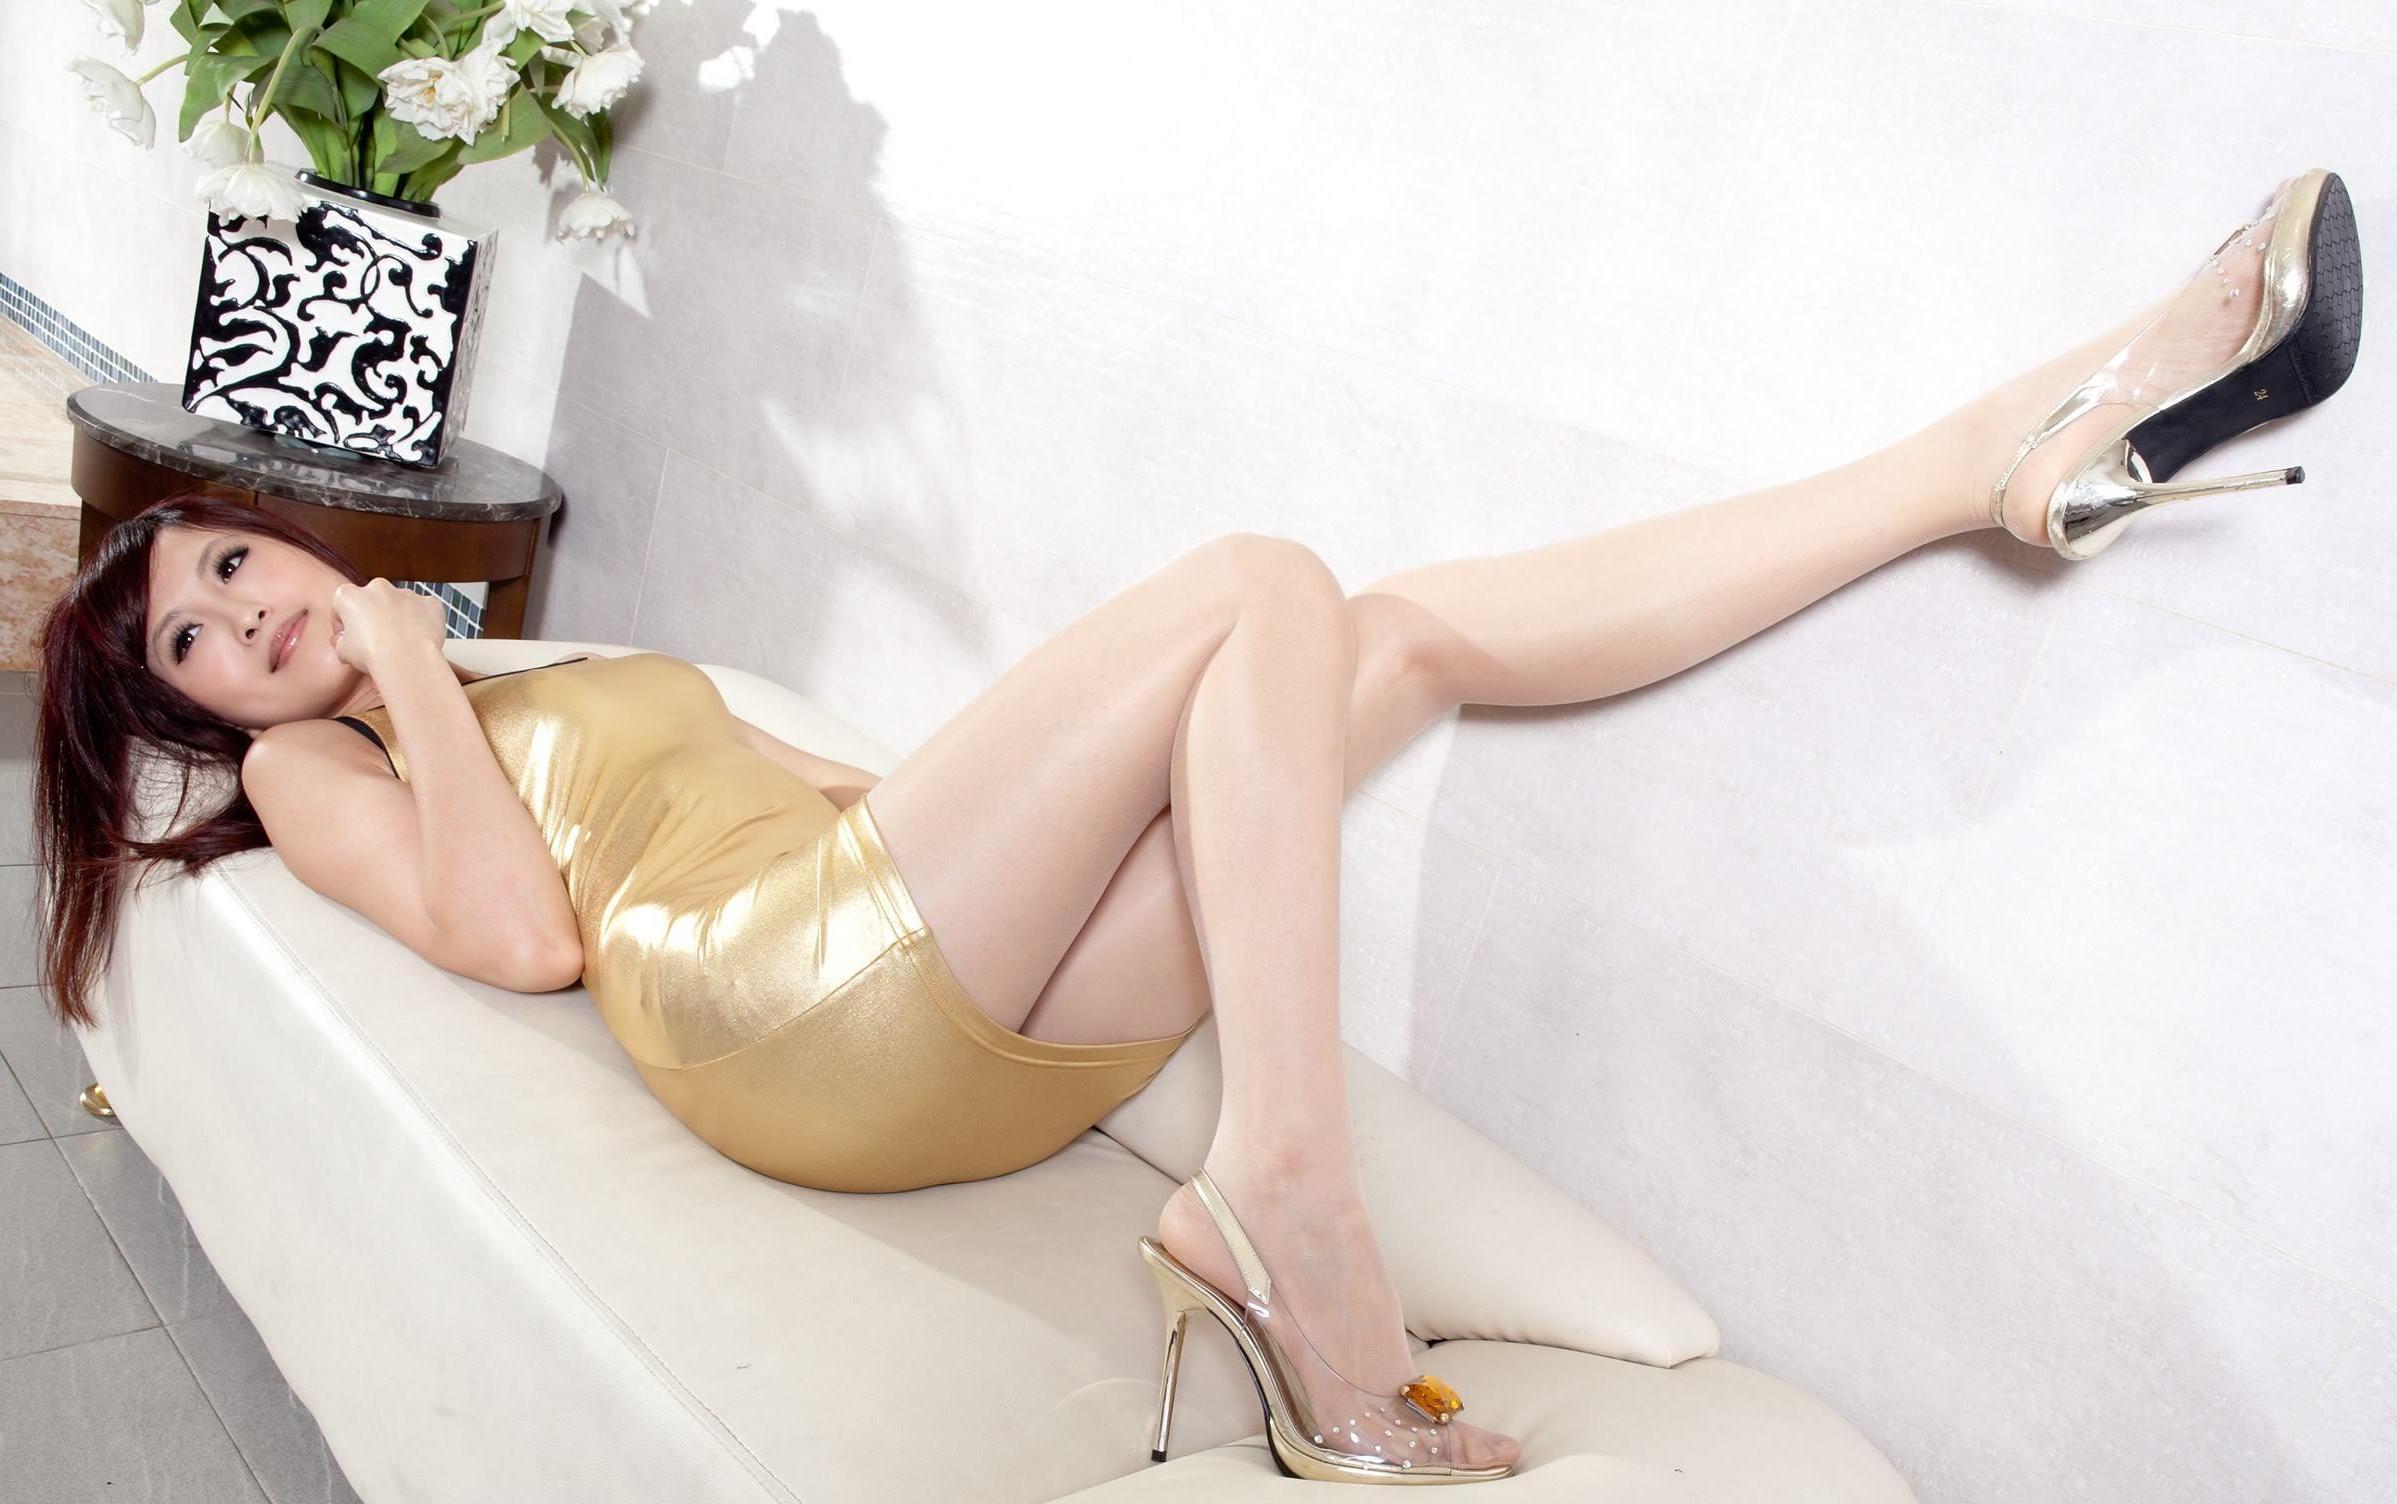 长腿美女-简晓育1 - 花開有聲 - 花開有聲